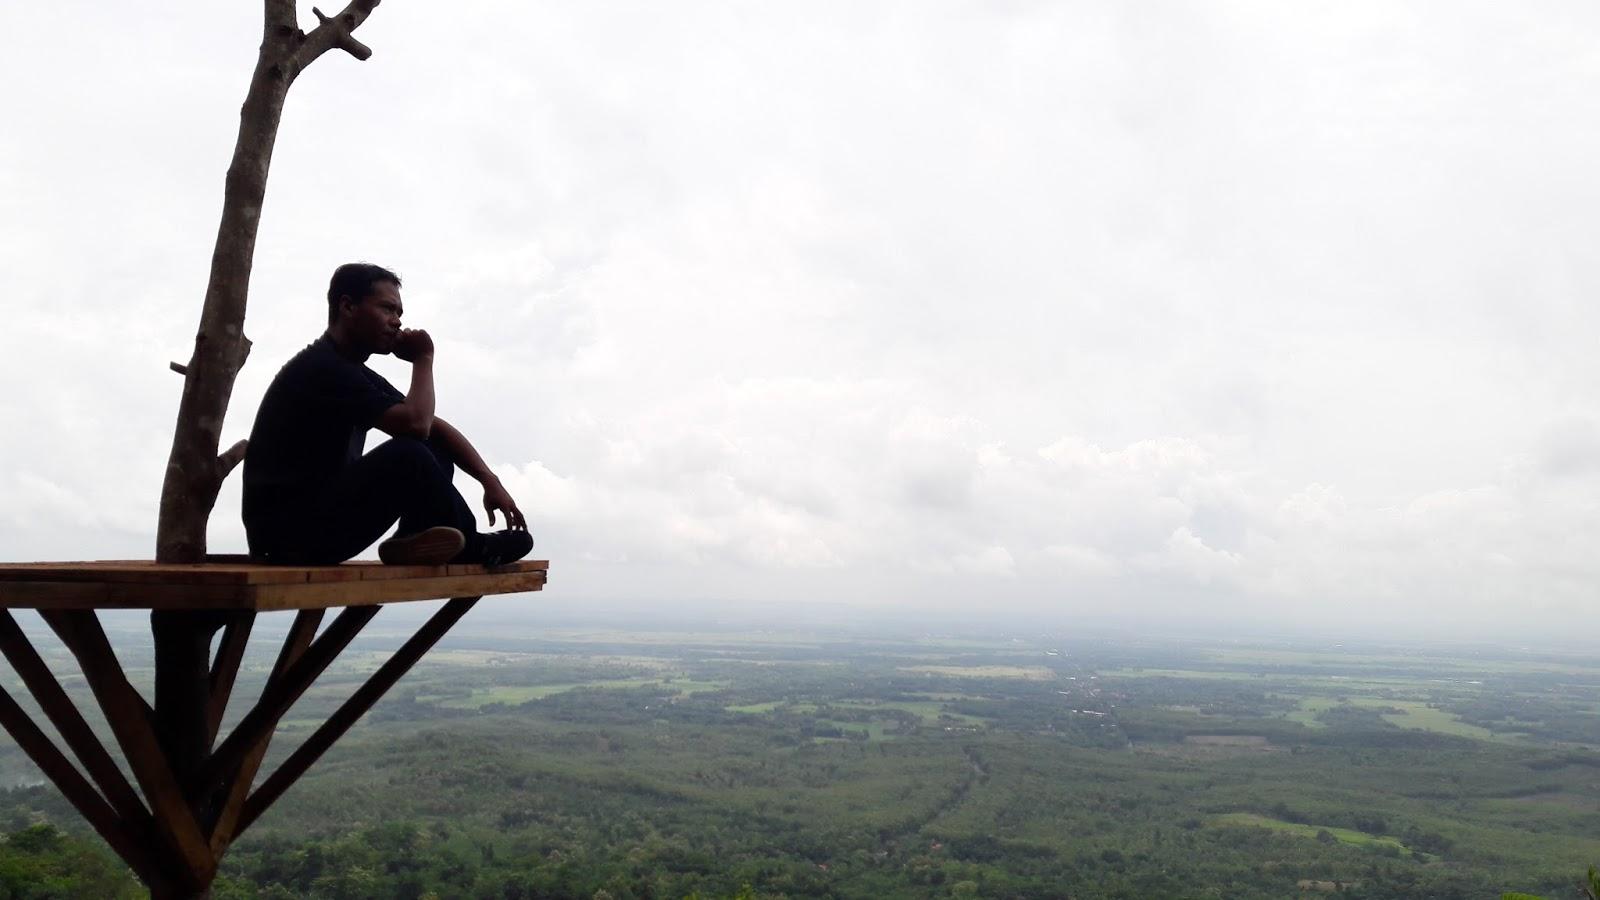 Wisata Jatipohon Menjadi Primadona Wisatawan Grobogan Today Sejak Dulu Tempat